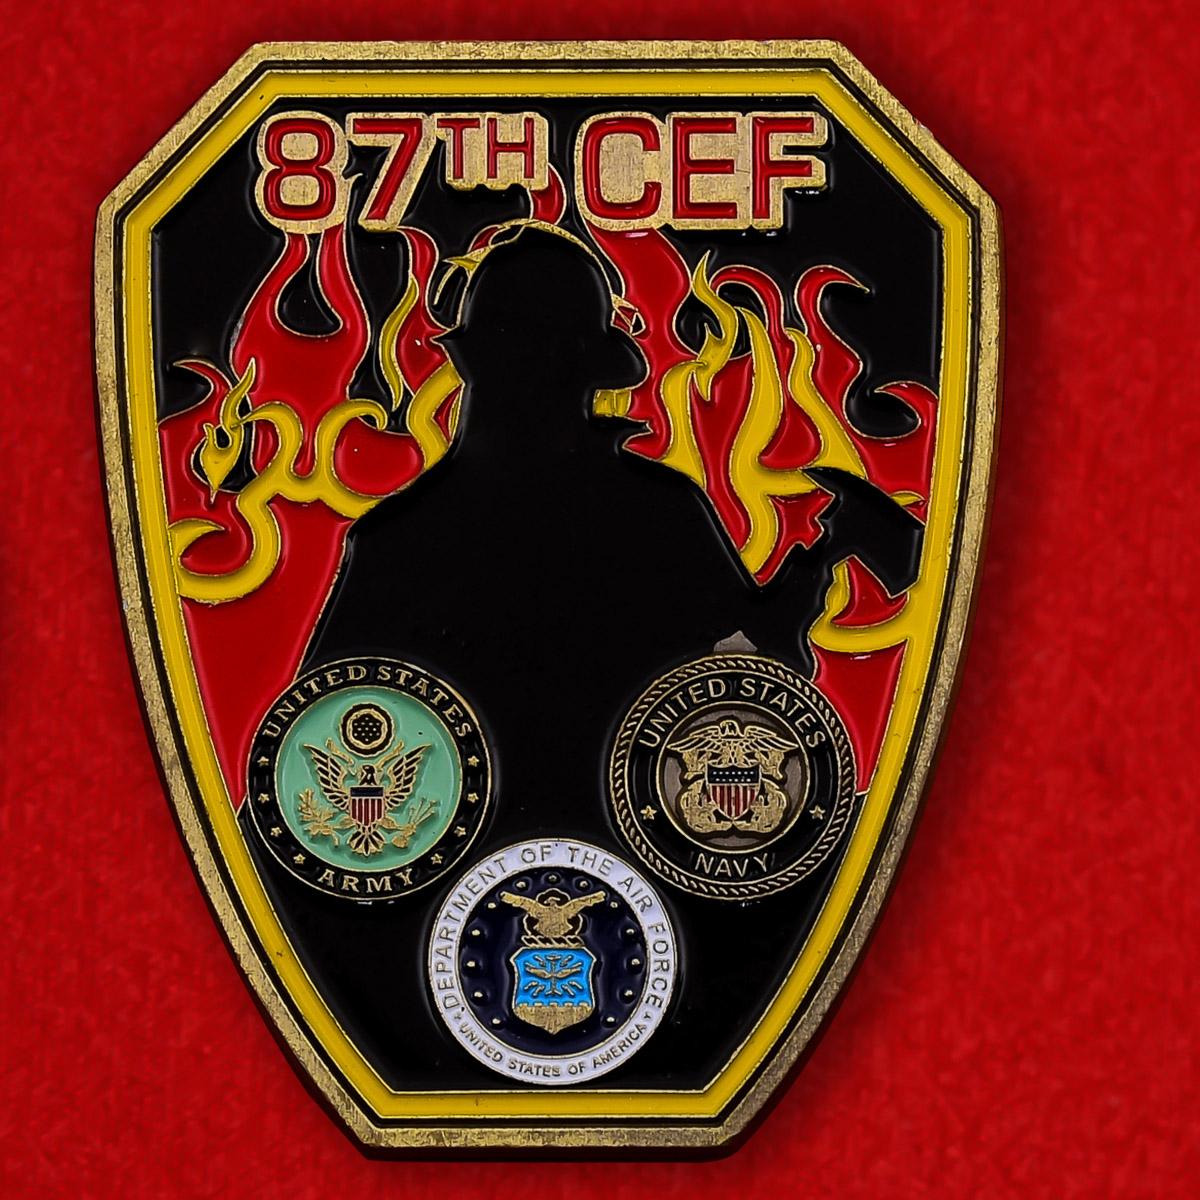 Челленддж коин 87-й группы чрезвычайных ситуаций экспедиционных сил базы МакГвайр-Лейкхерст, Нью-Джерси